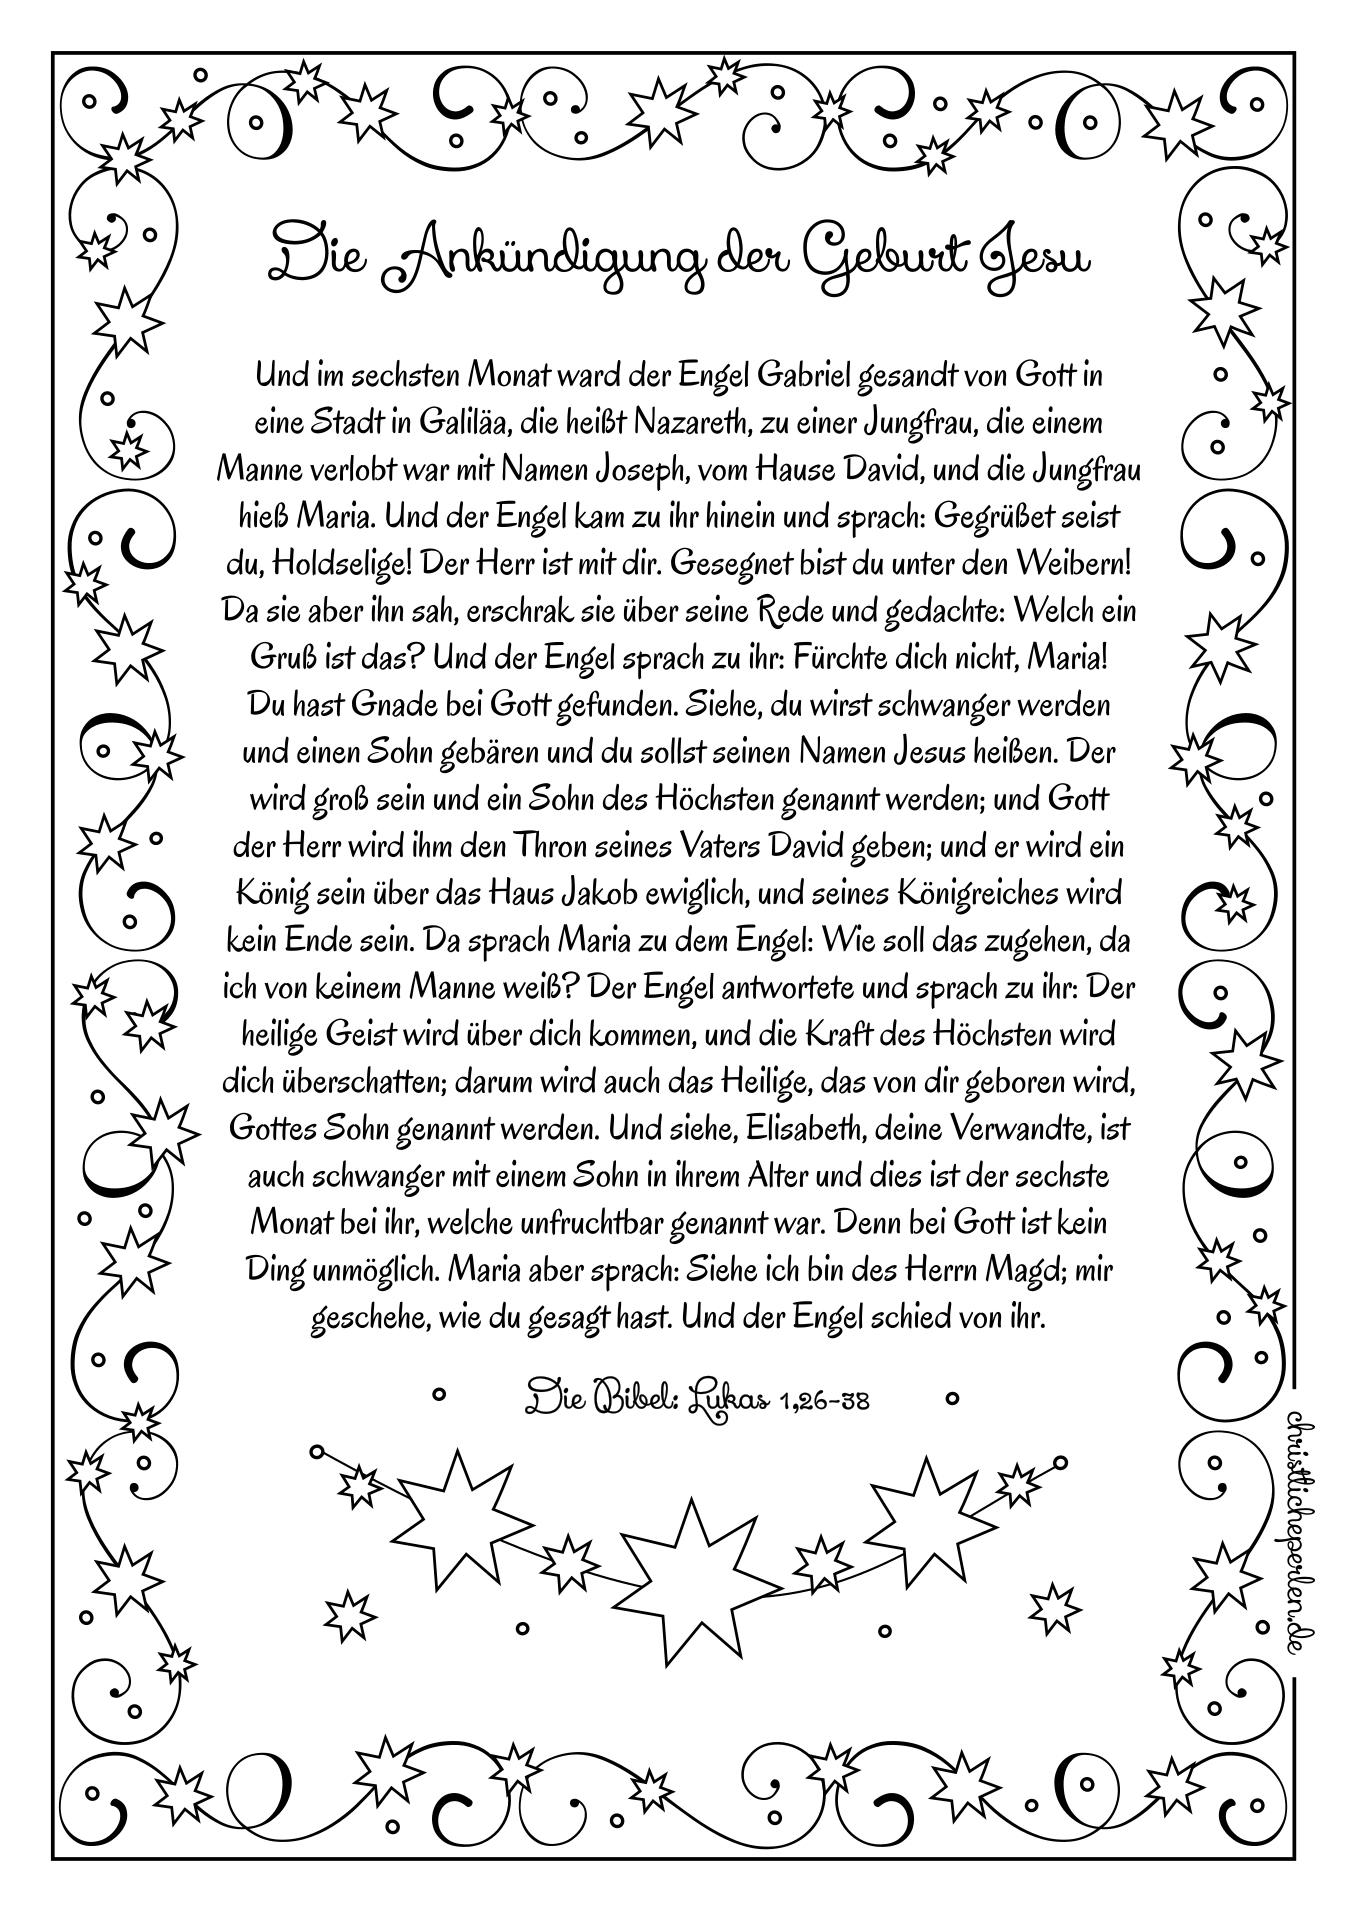 Simeon Und Hanna | Christliche Perlen mit Weihnachtsgeschichte Bibel Für Kindergartenkinder